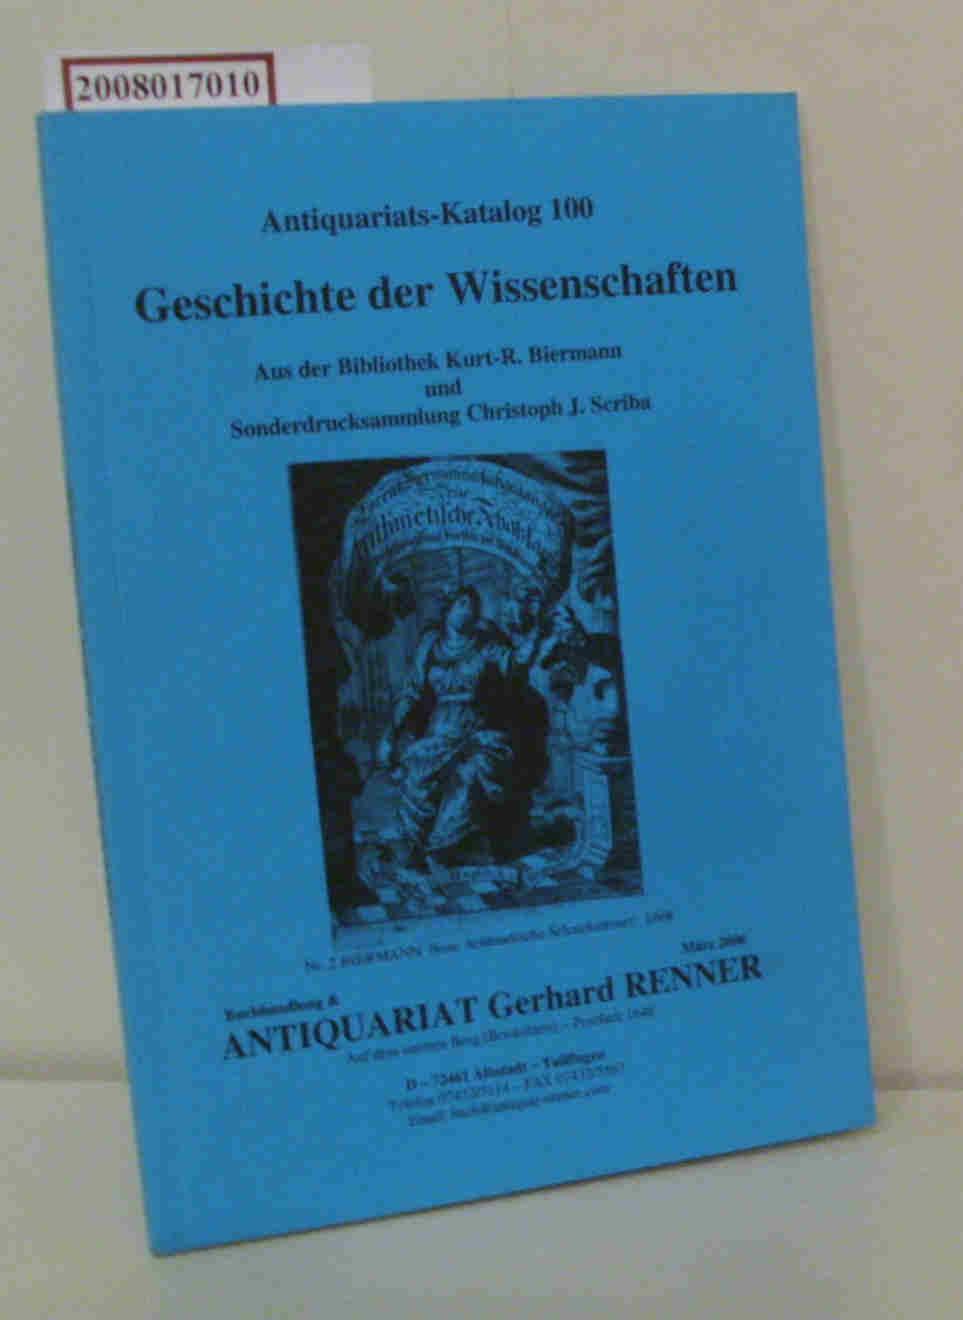 Geschichte der Wissenschaften, Antiquariats-Katalog 100 Aus der Bibliothek Kurt-R. Biermann, Sonderdrucksammlung C. Scriba